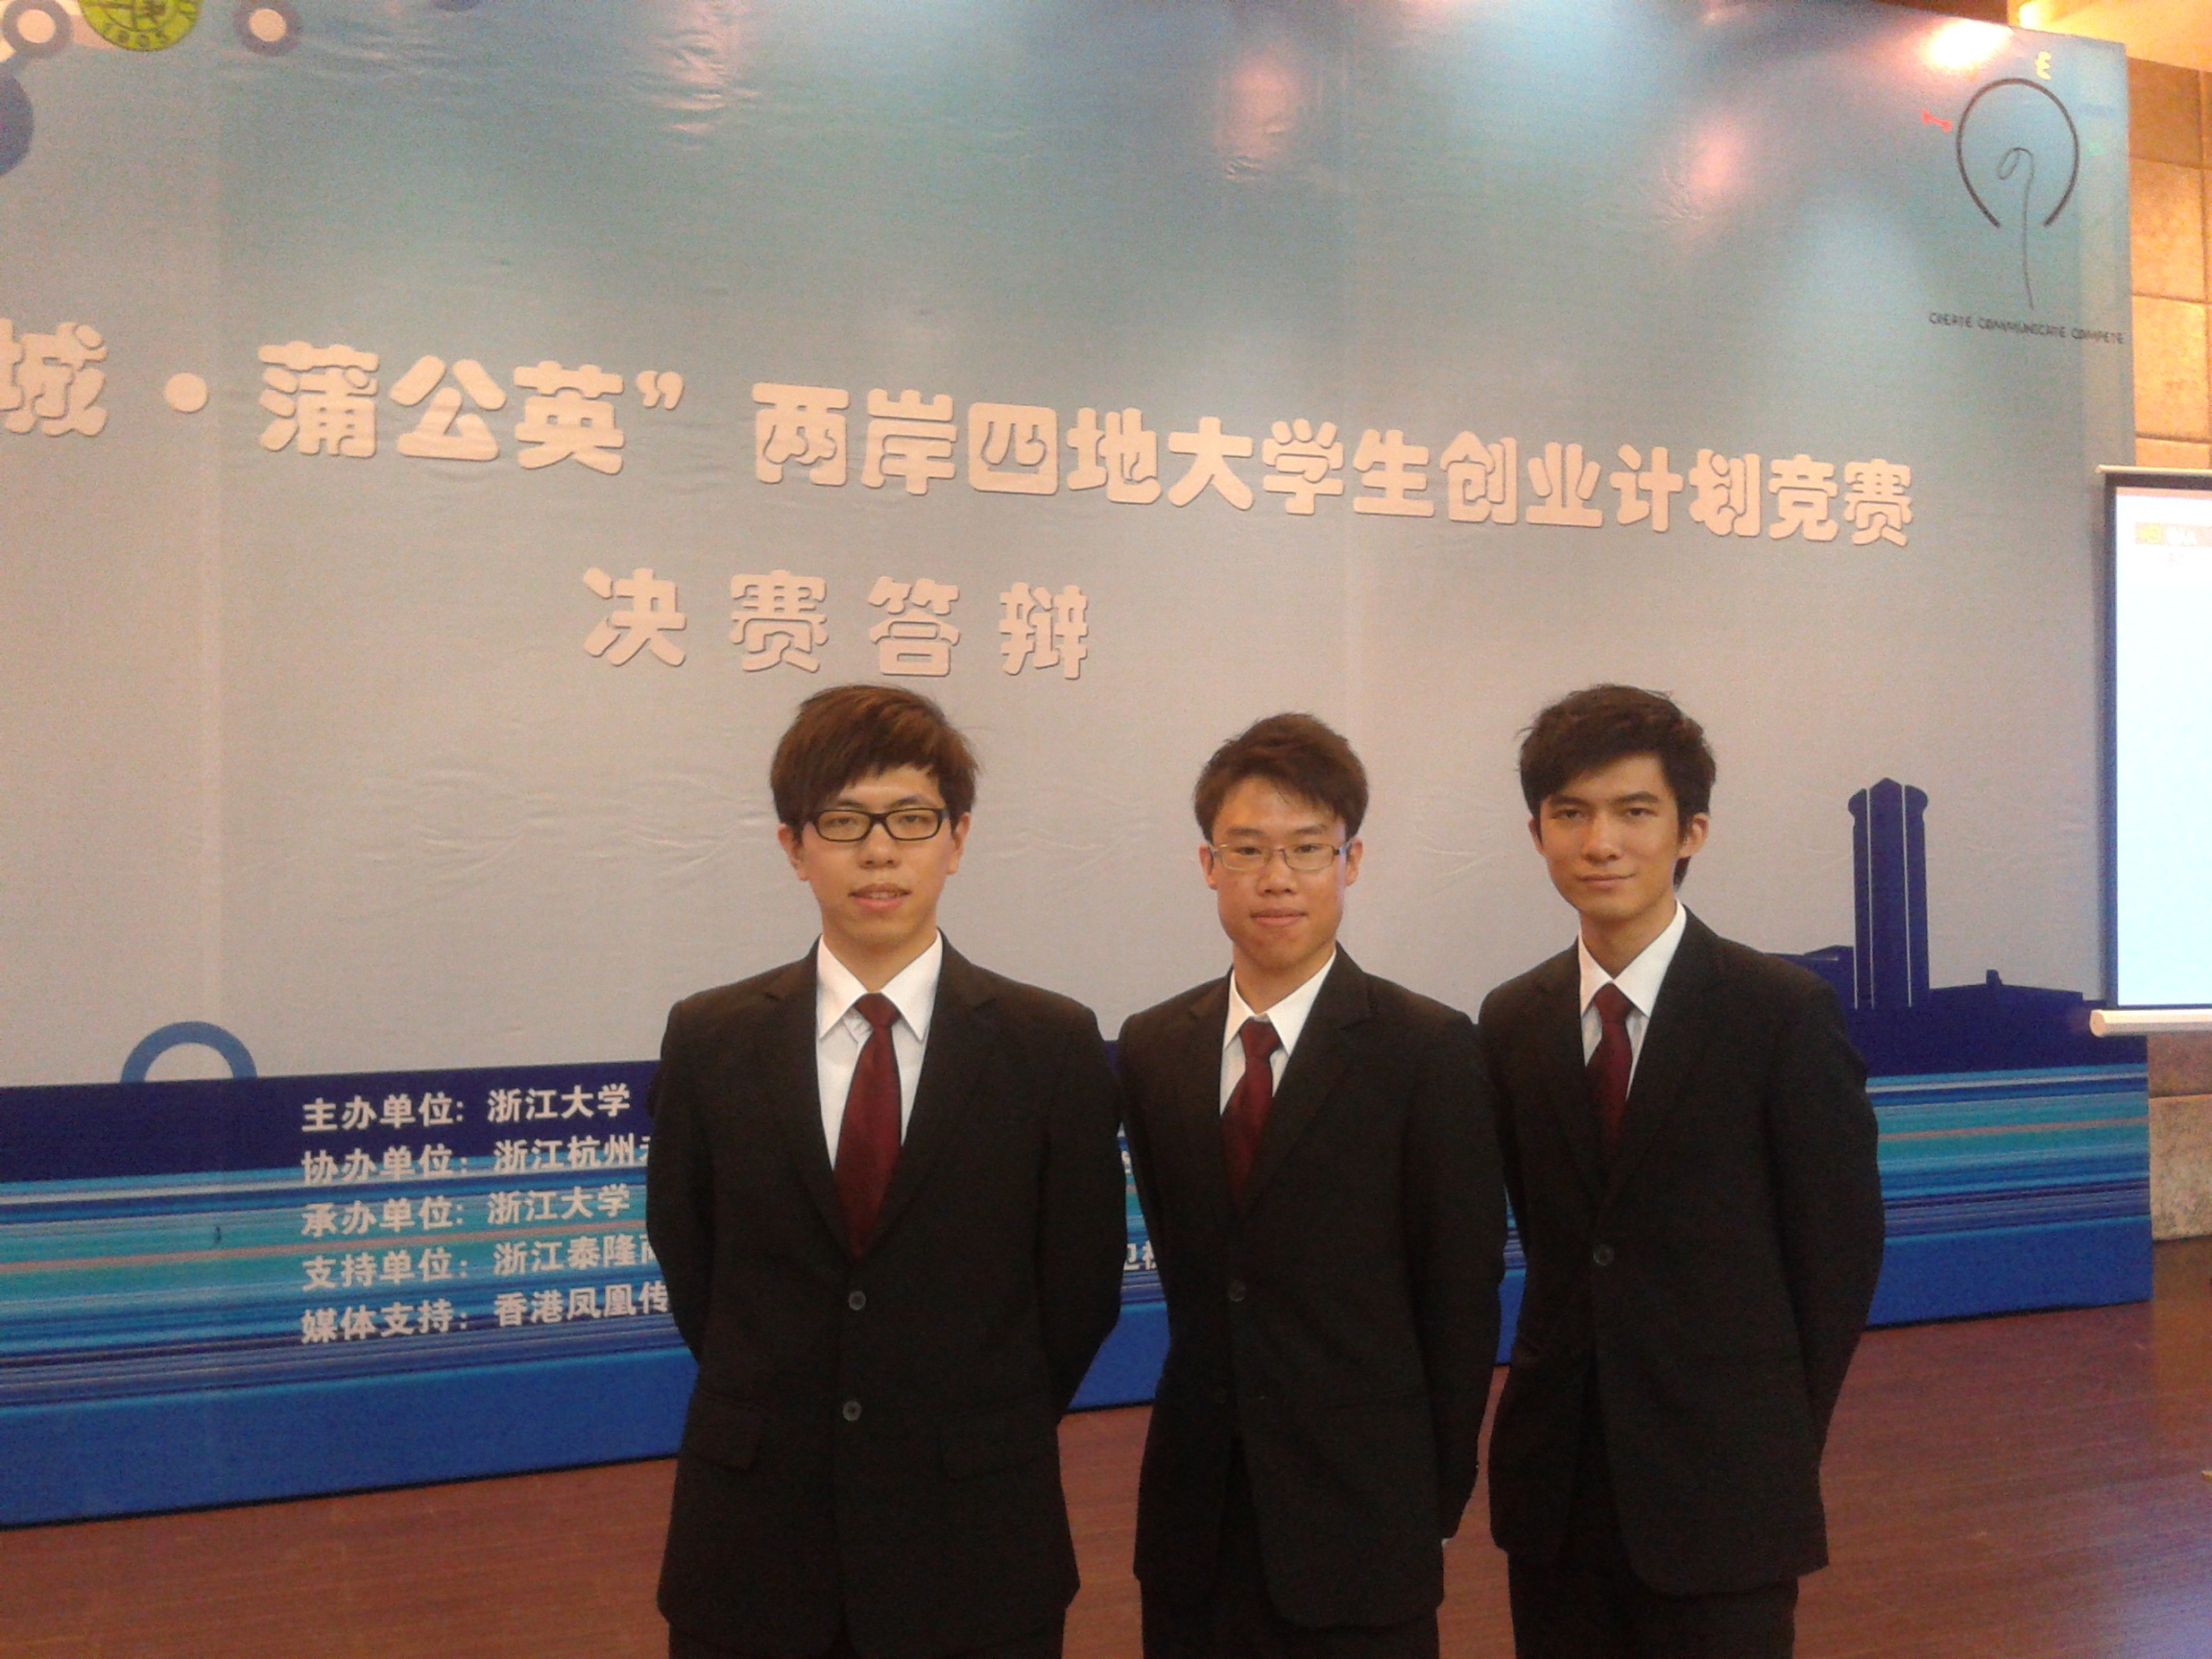 左起:羅建勛 、周梓浲及黃卓榮攝於杭州浙江大學